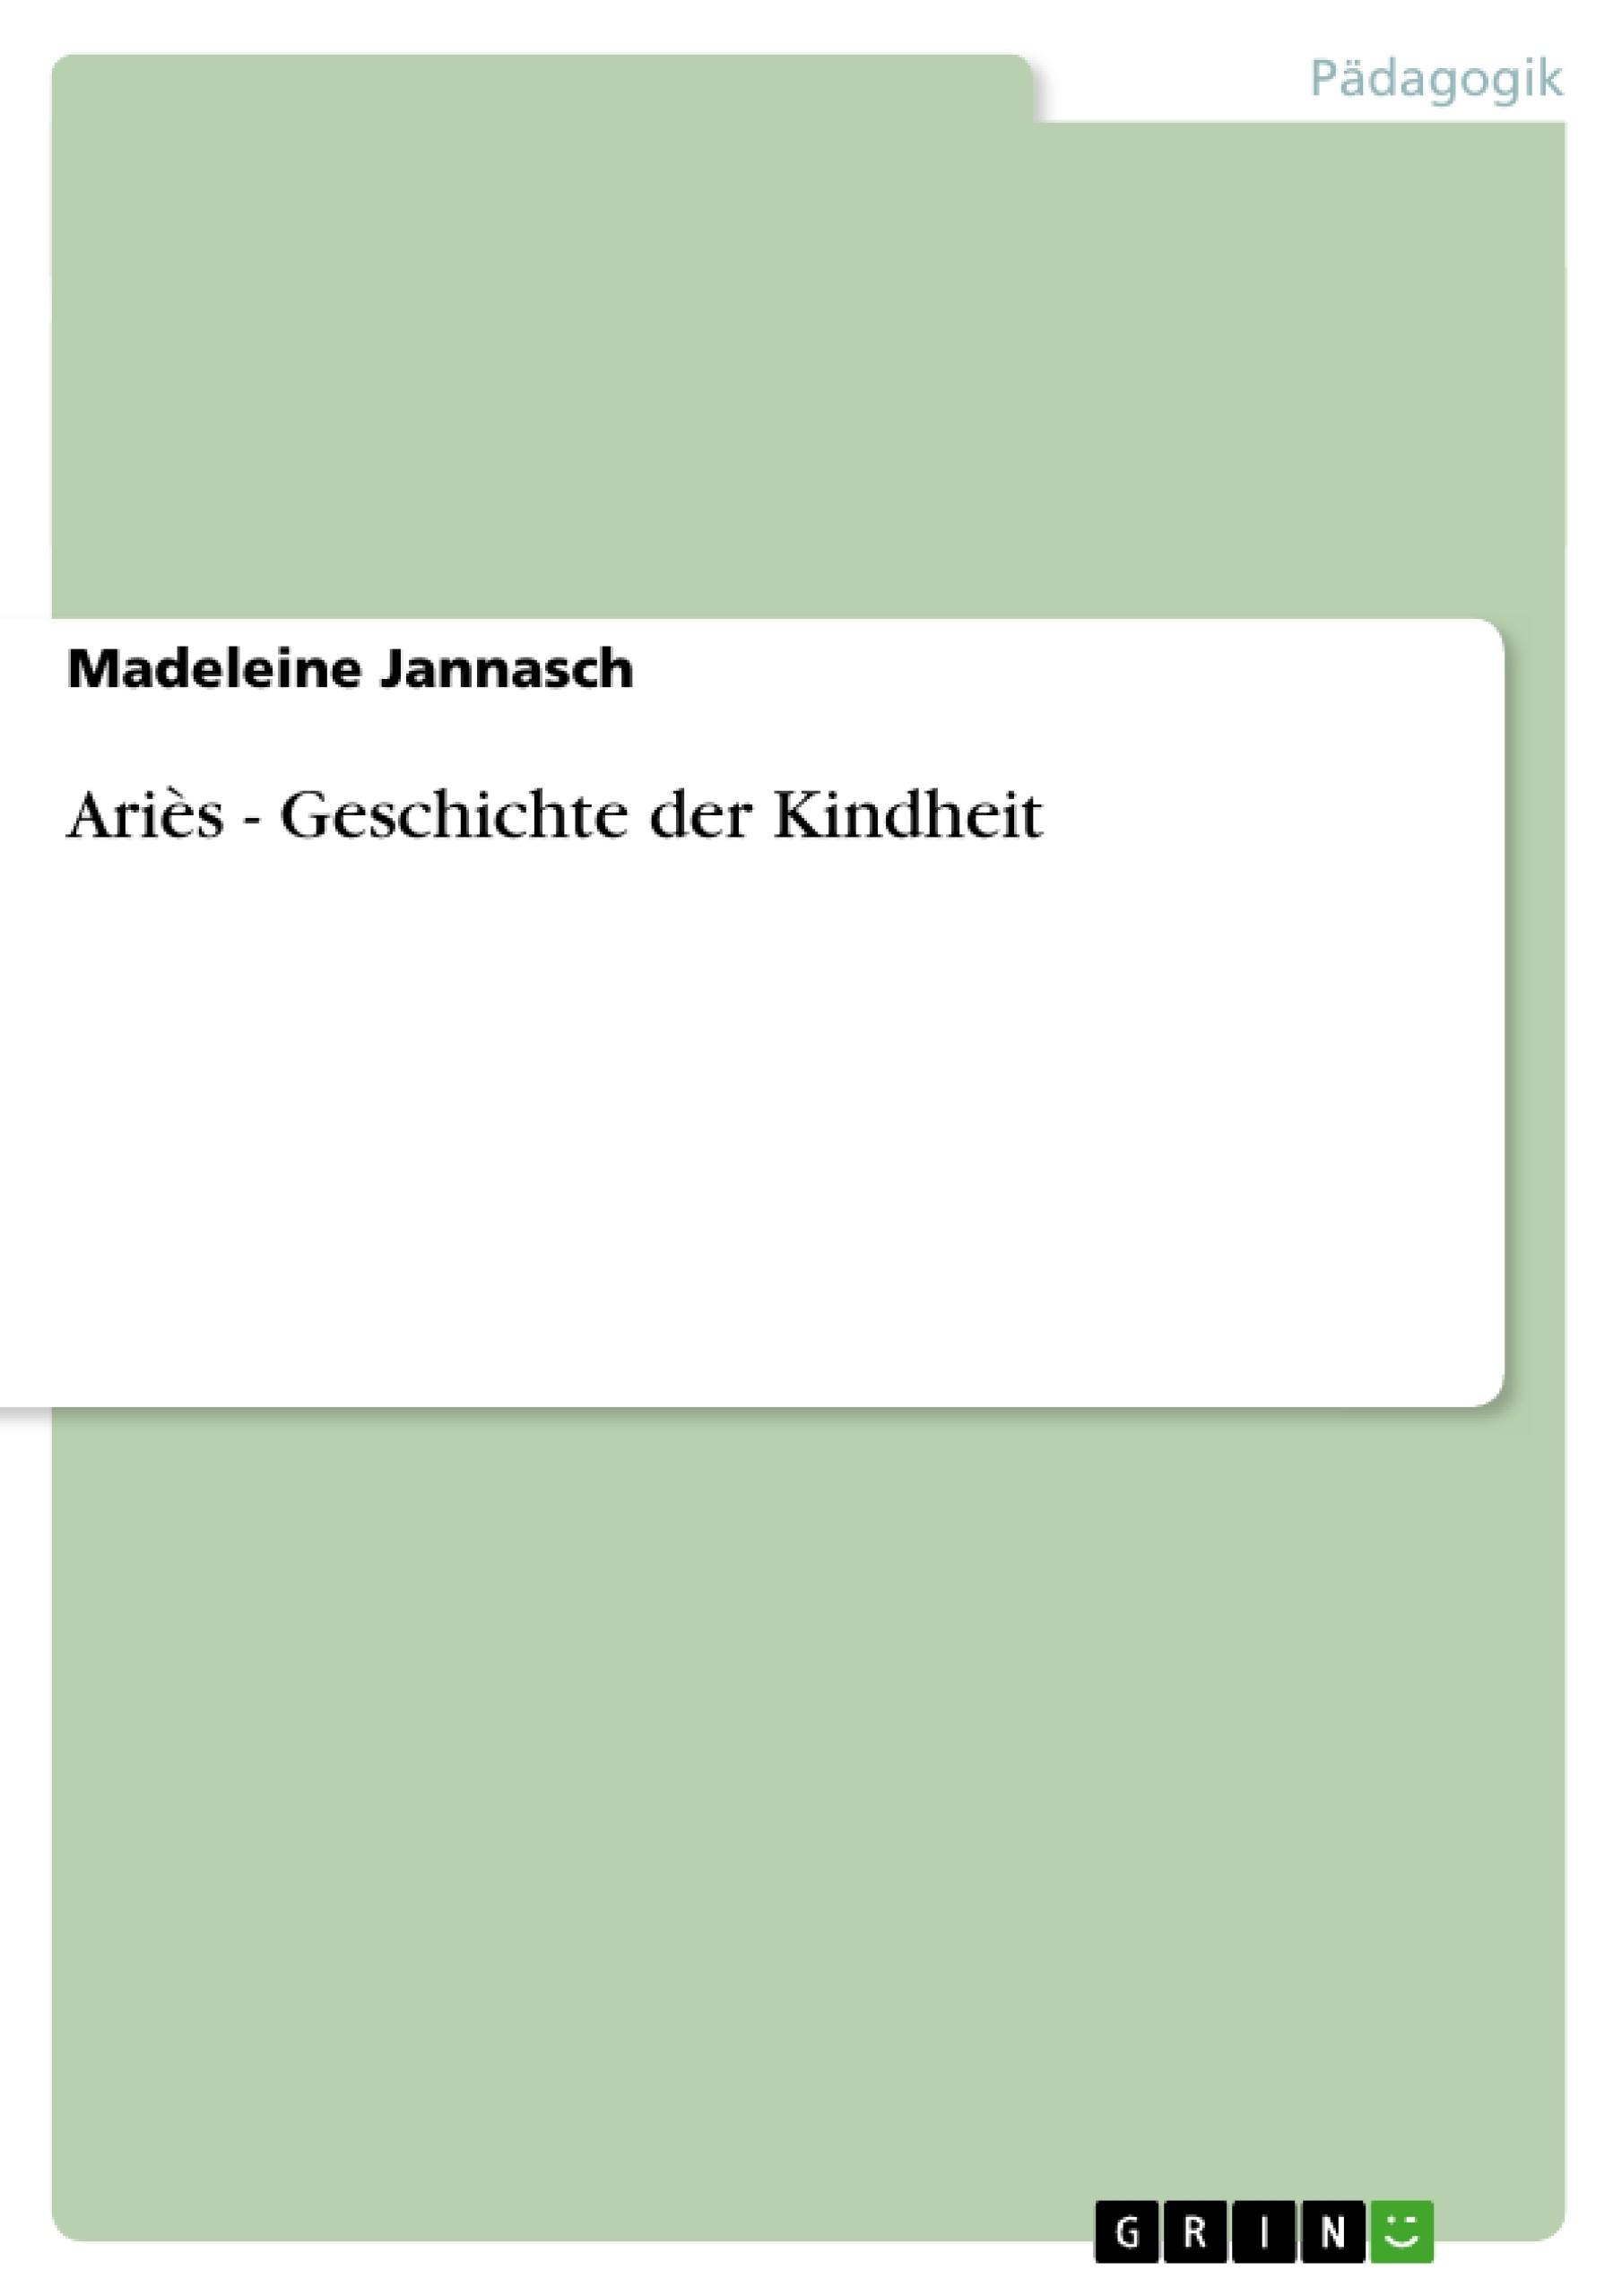 Titel: Ariès - Geschichte der Kindheit